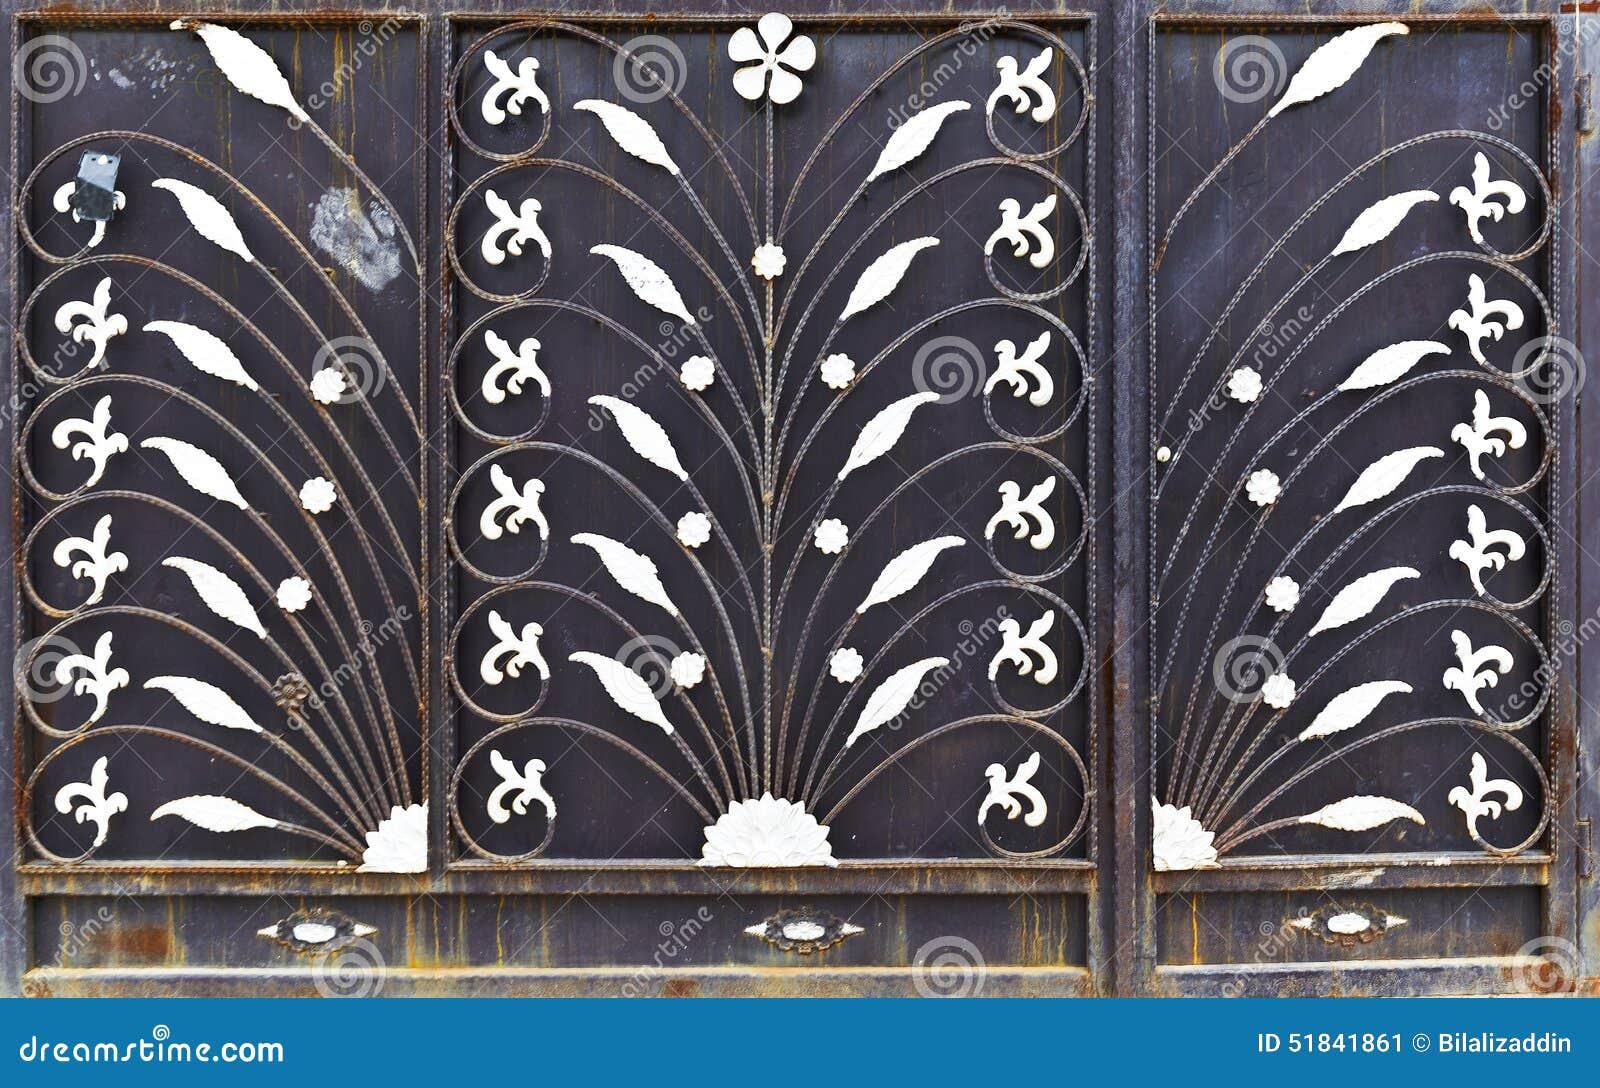 901 #82A229 Rusty Metal Door Brown Painted Steel Used Iraqi Houses Filled  image Used Metal Doors 41031300